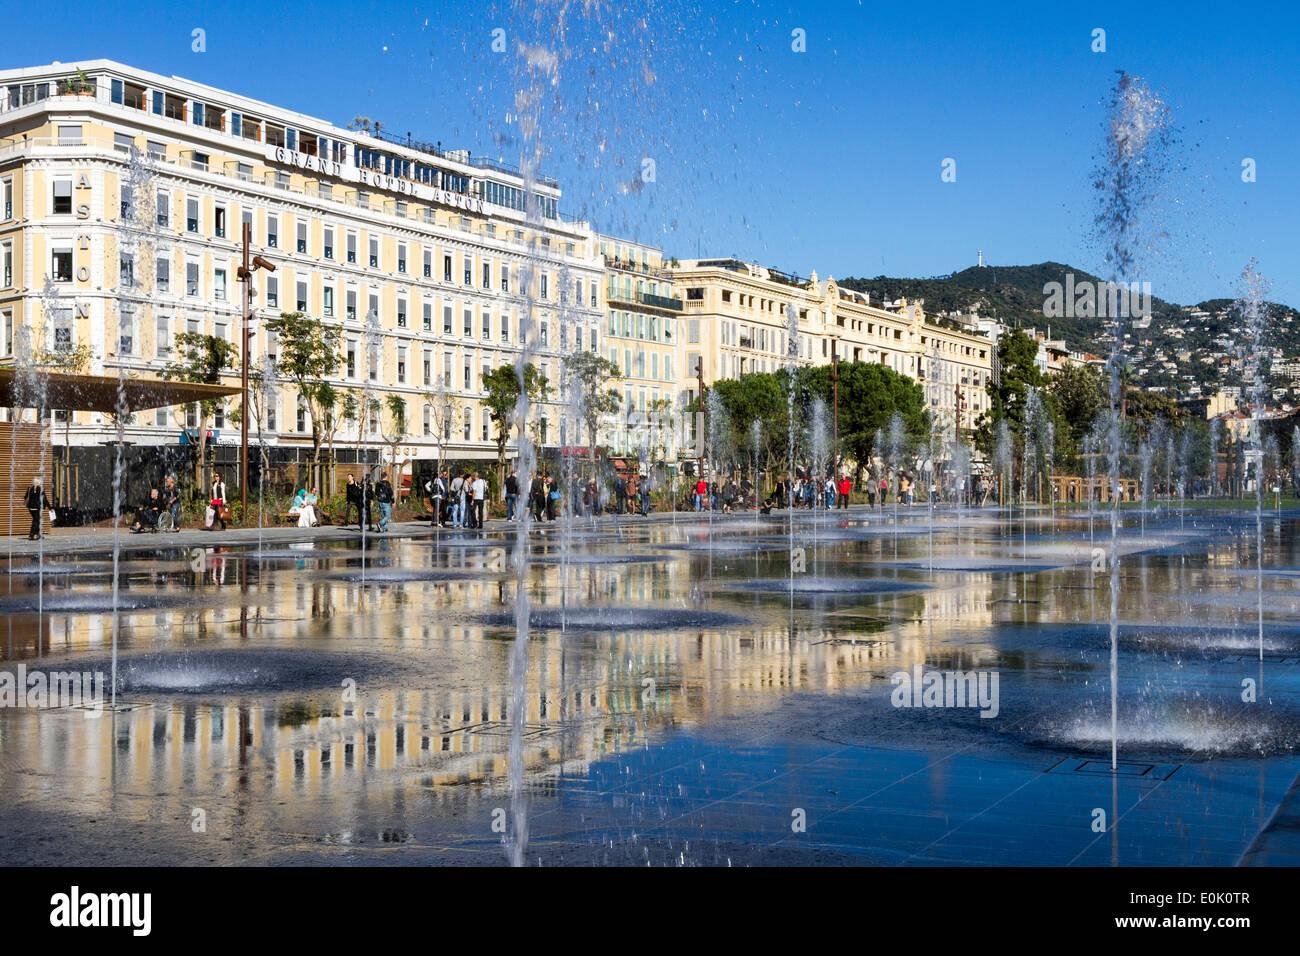 Miroir d'Eau, Espace Massena, Nice, Cote d'Azur, France - Stock Image